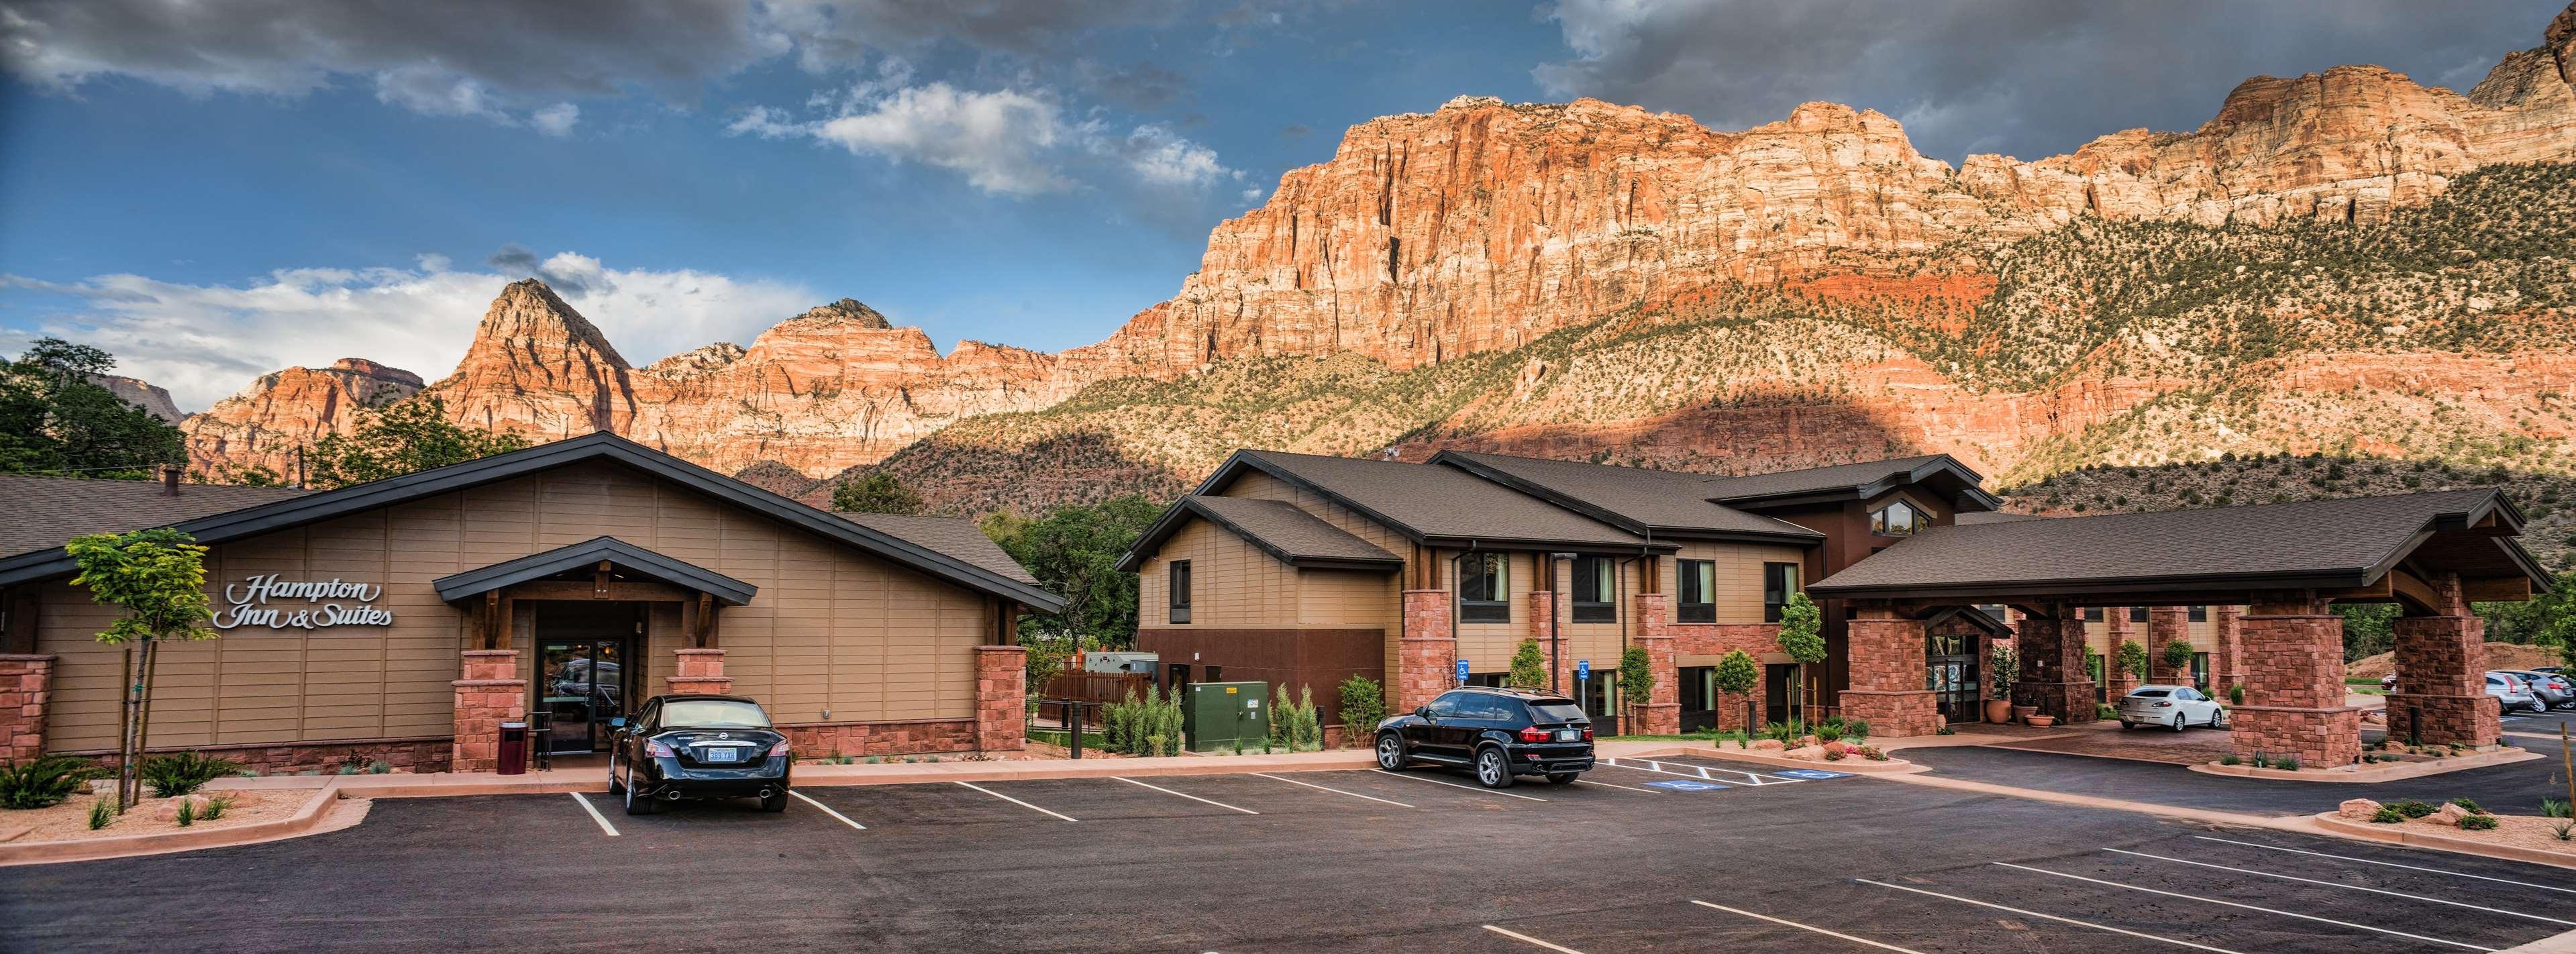 Hampton Inn & Suites Springdale/Zion National Park image 2